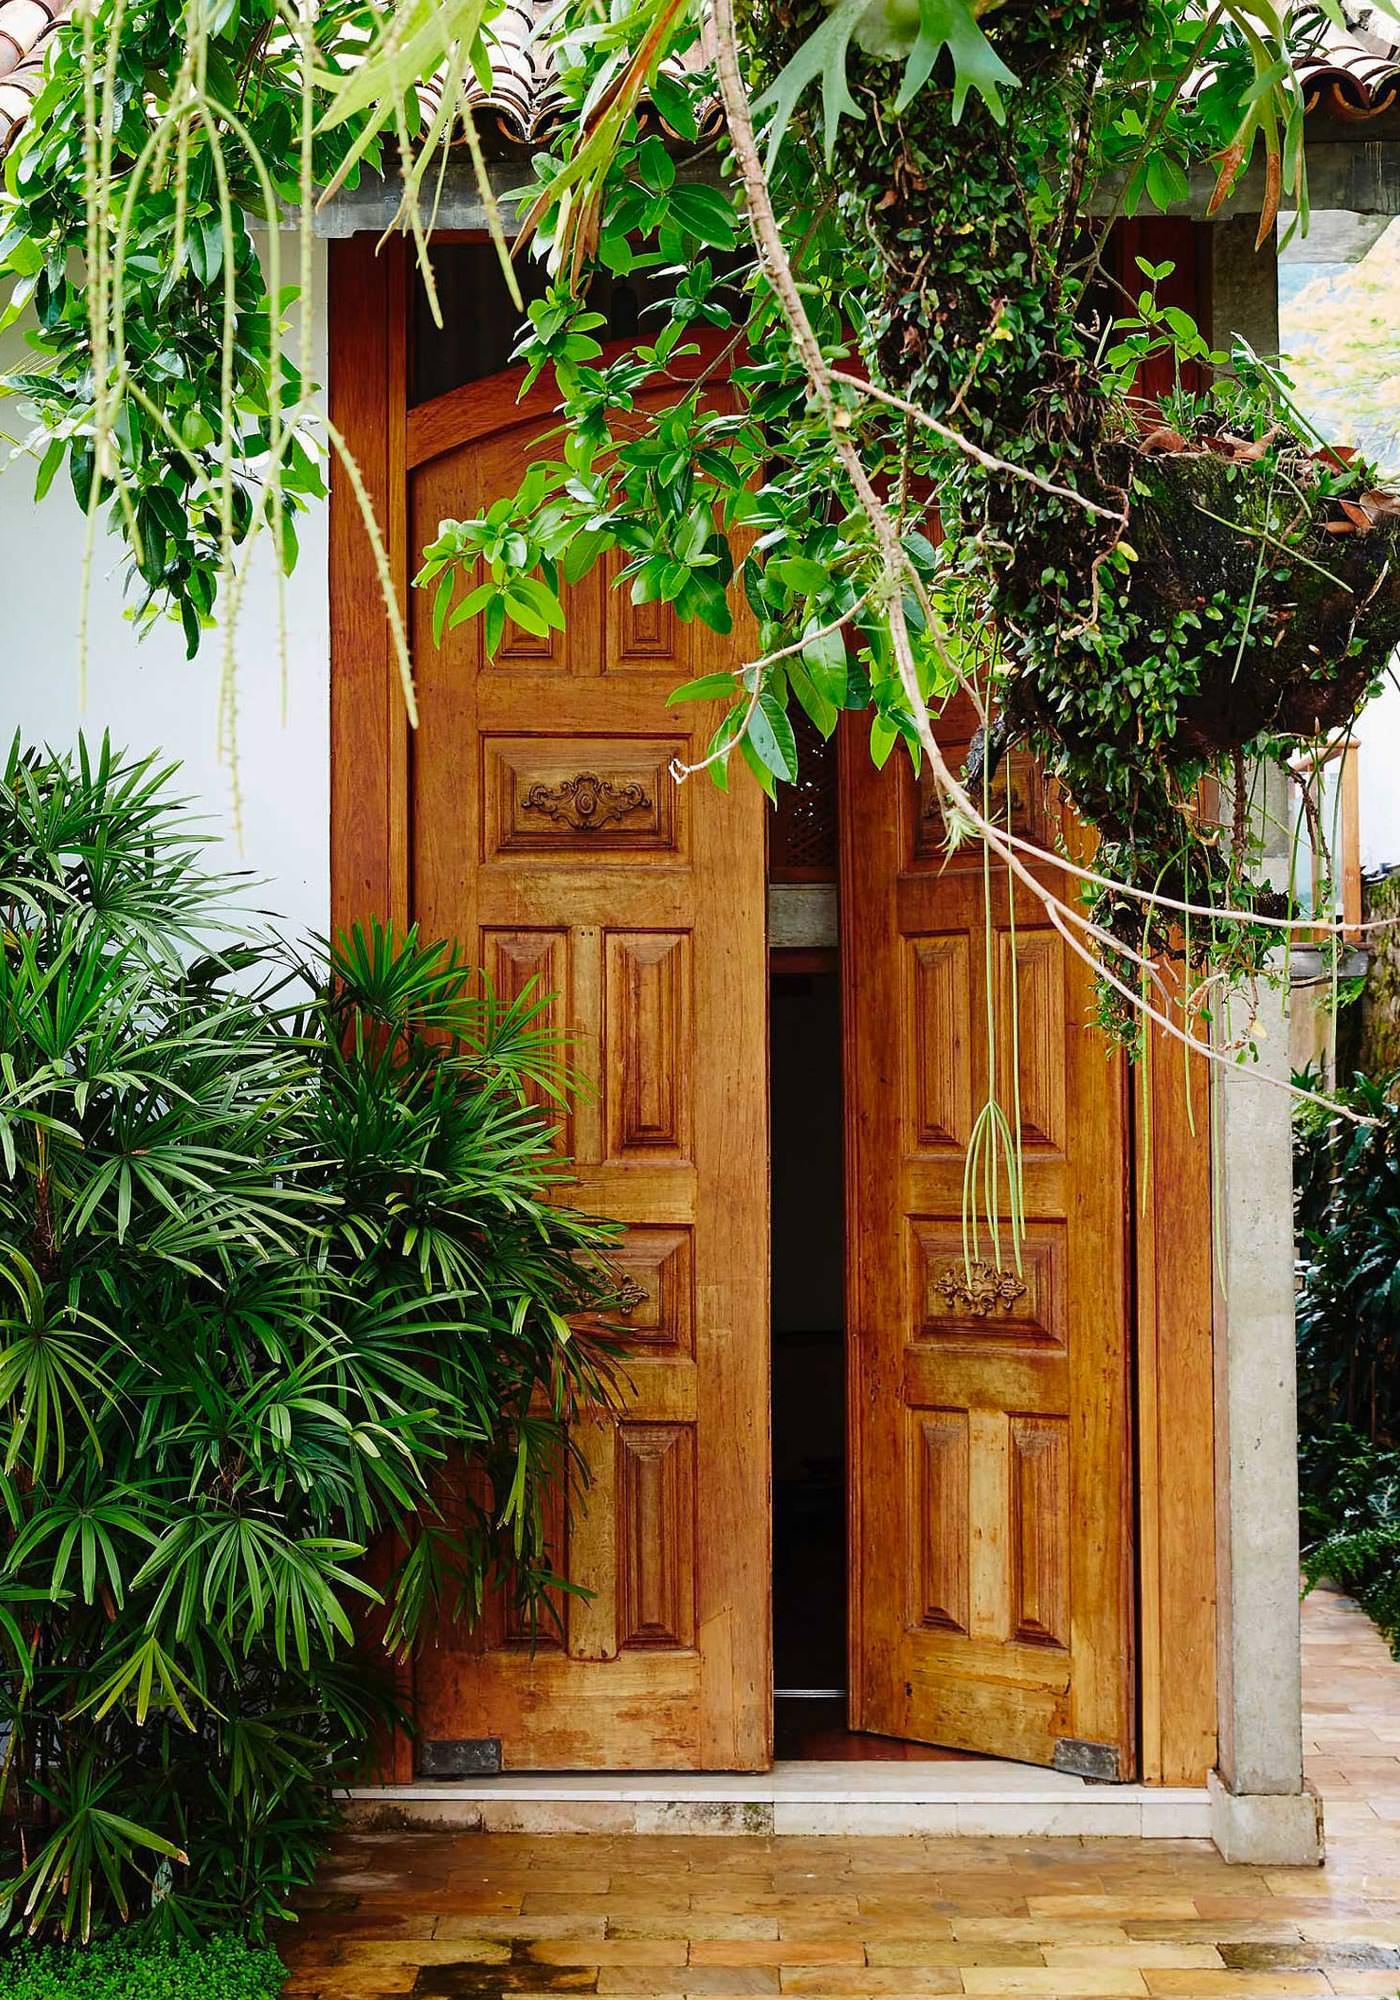 Chez Georges, Boutique-Hotel, Villa Moderniste Brésilienne, City Guide Rio de Janeiro (Santa Teresa), Brésil